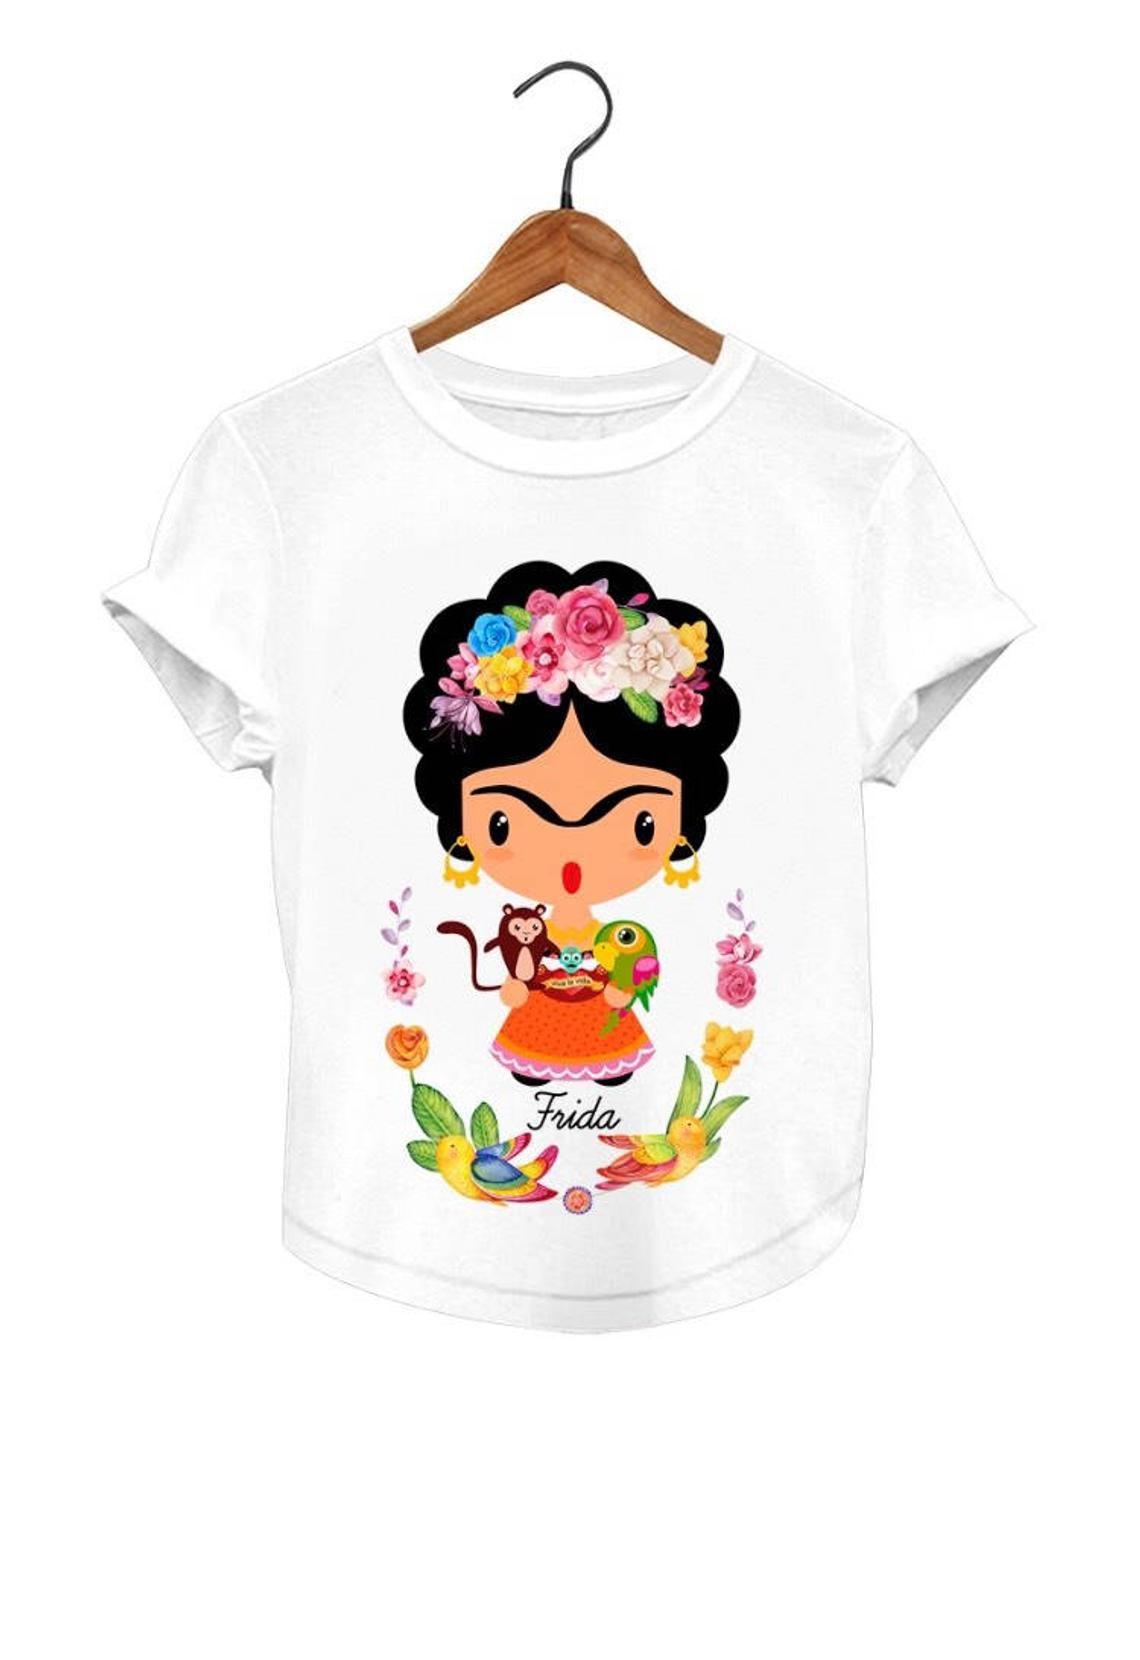 cbf3108921 Playera con diseños Cartoon blusa Mexicana Matching Mamá